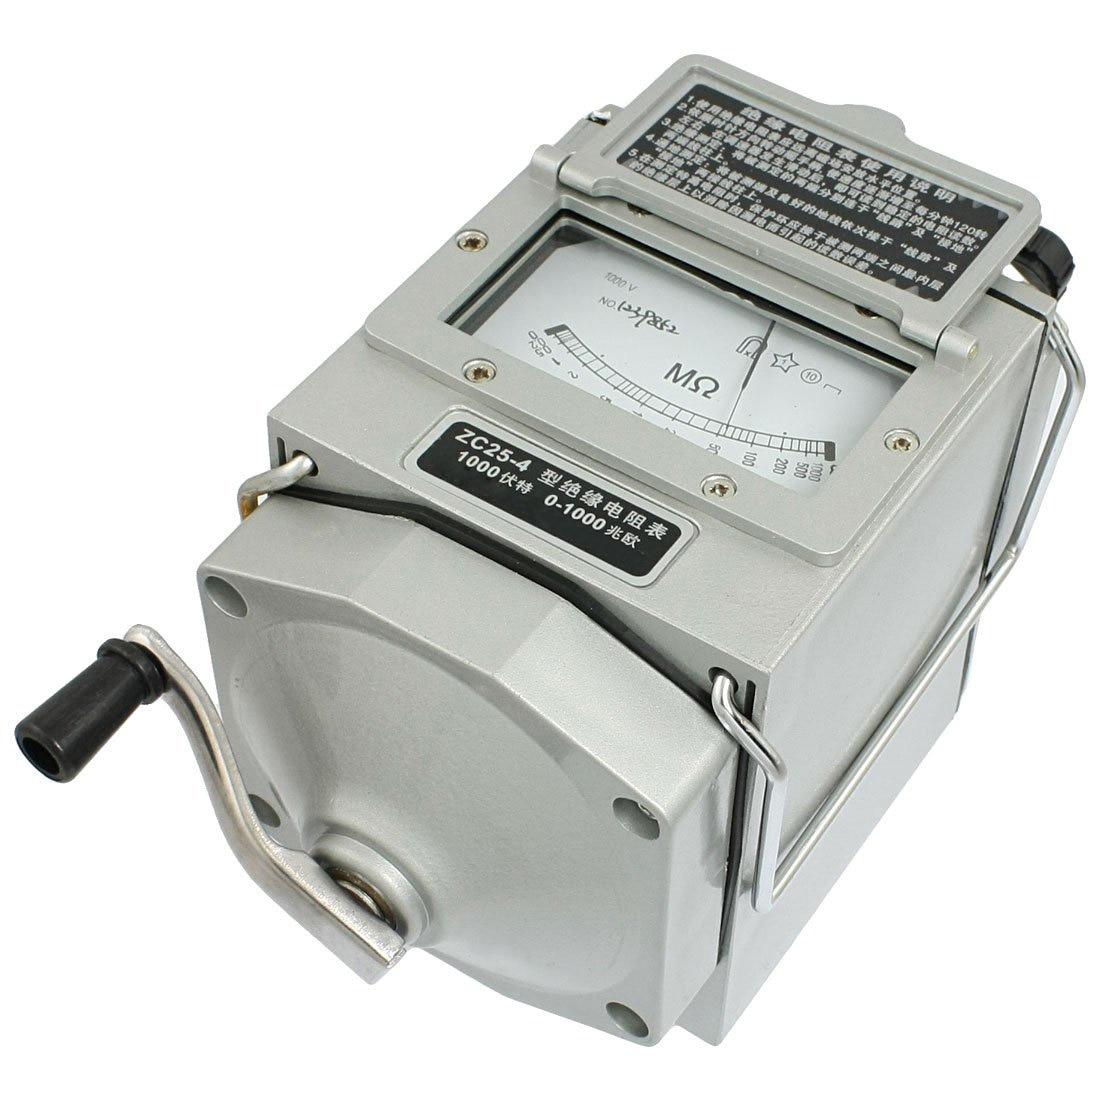 Insulation Megohm Tester Resistance Meter Megohmmeter ZC25-4